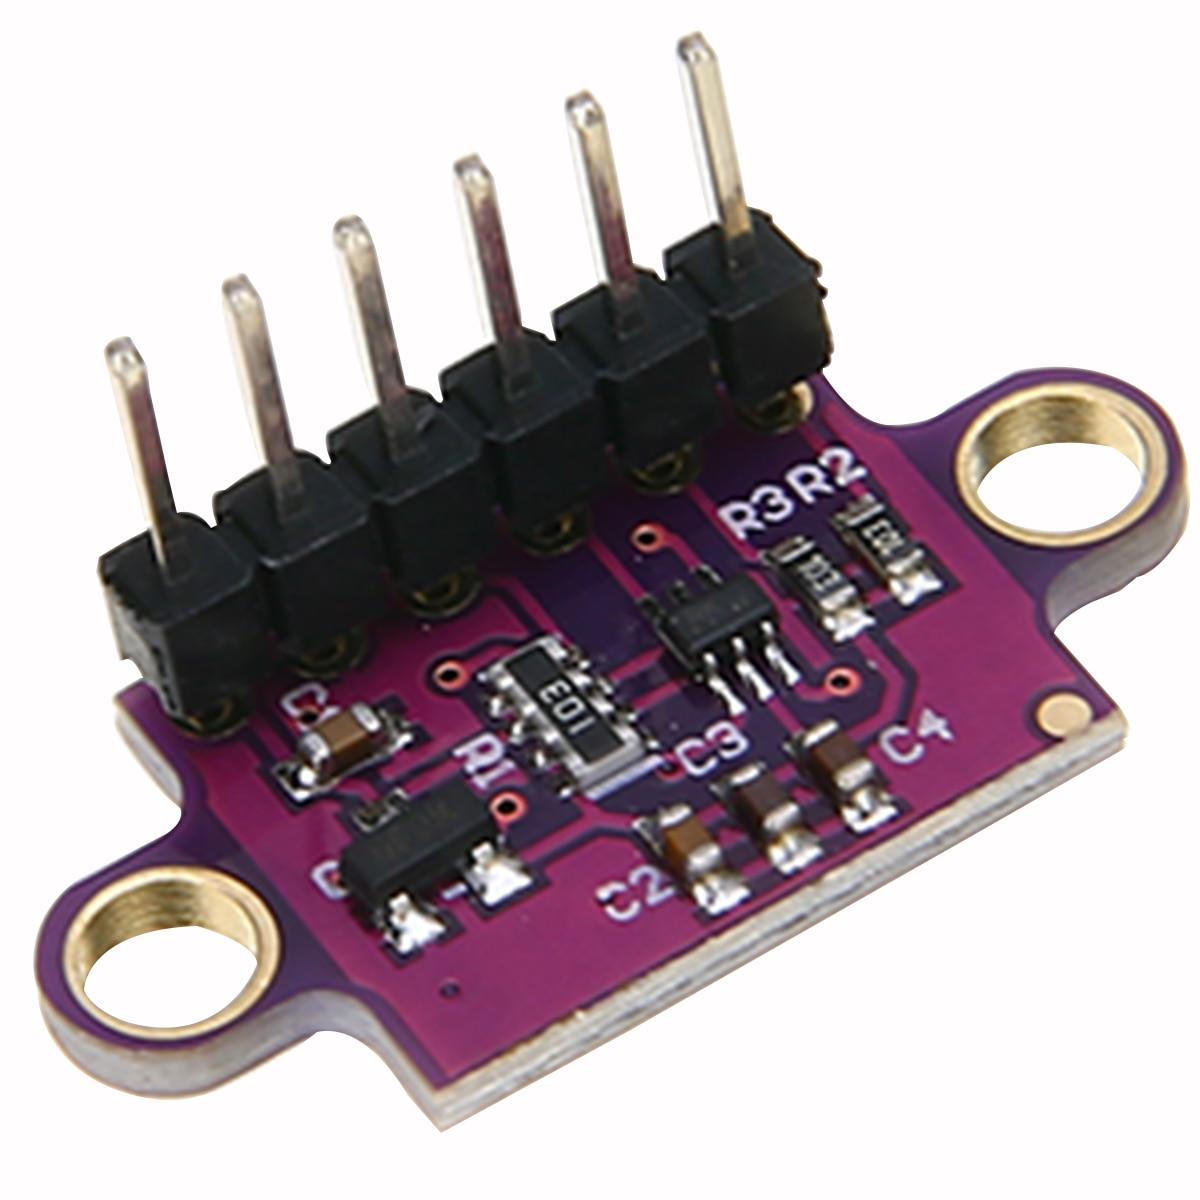 Высокая точность датчик расстояния полета VL53L0X датчик расстояния GY-VL53L0XV2 модуль для Arduino